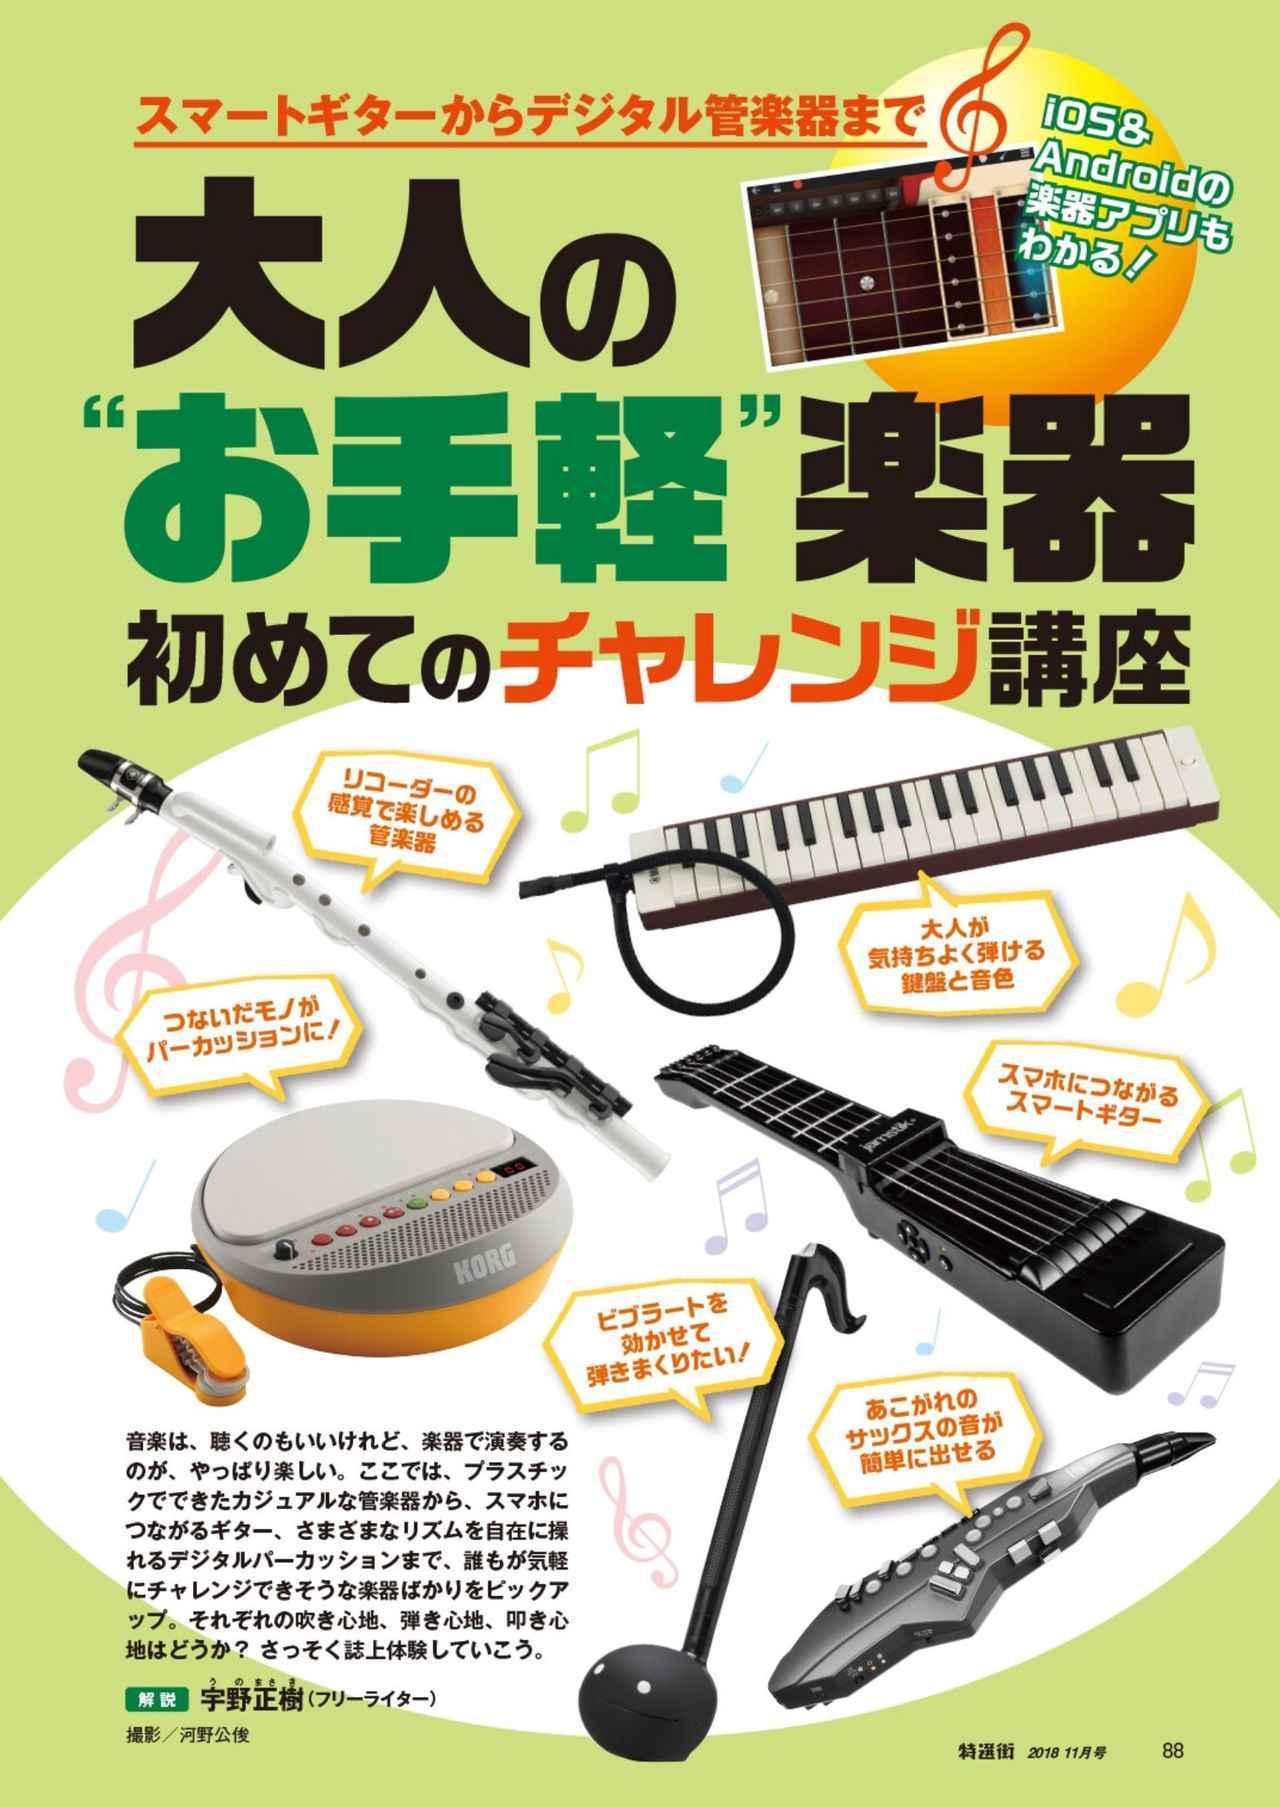 画像6: 「今どきのオーディオ&音楽」「レコード&カセット」を大特集。「特選街11月号」本日発売です!